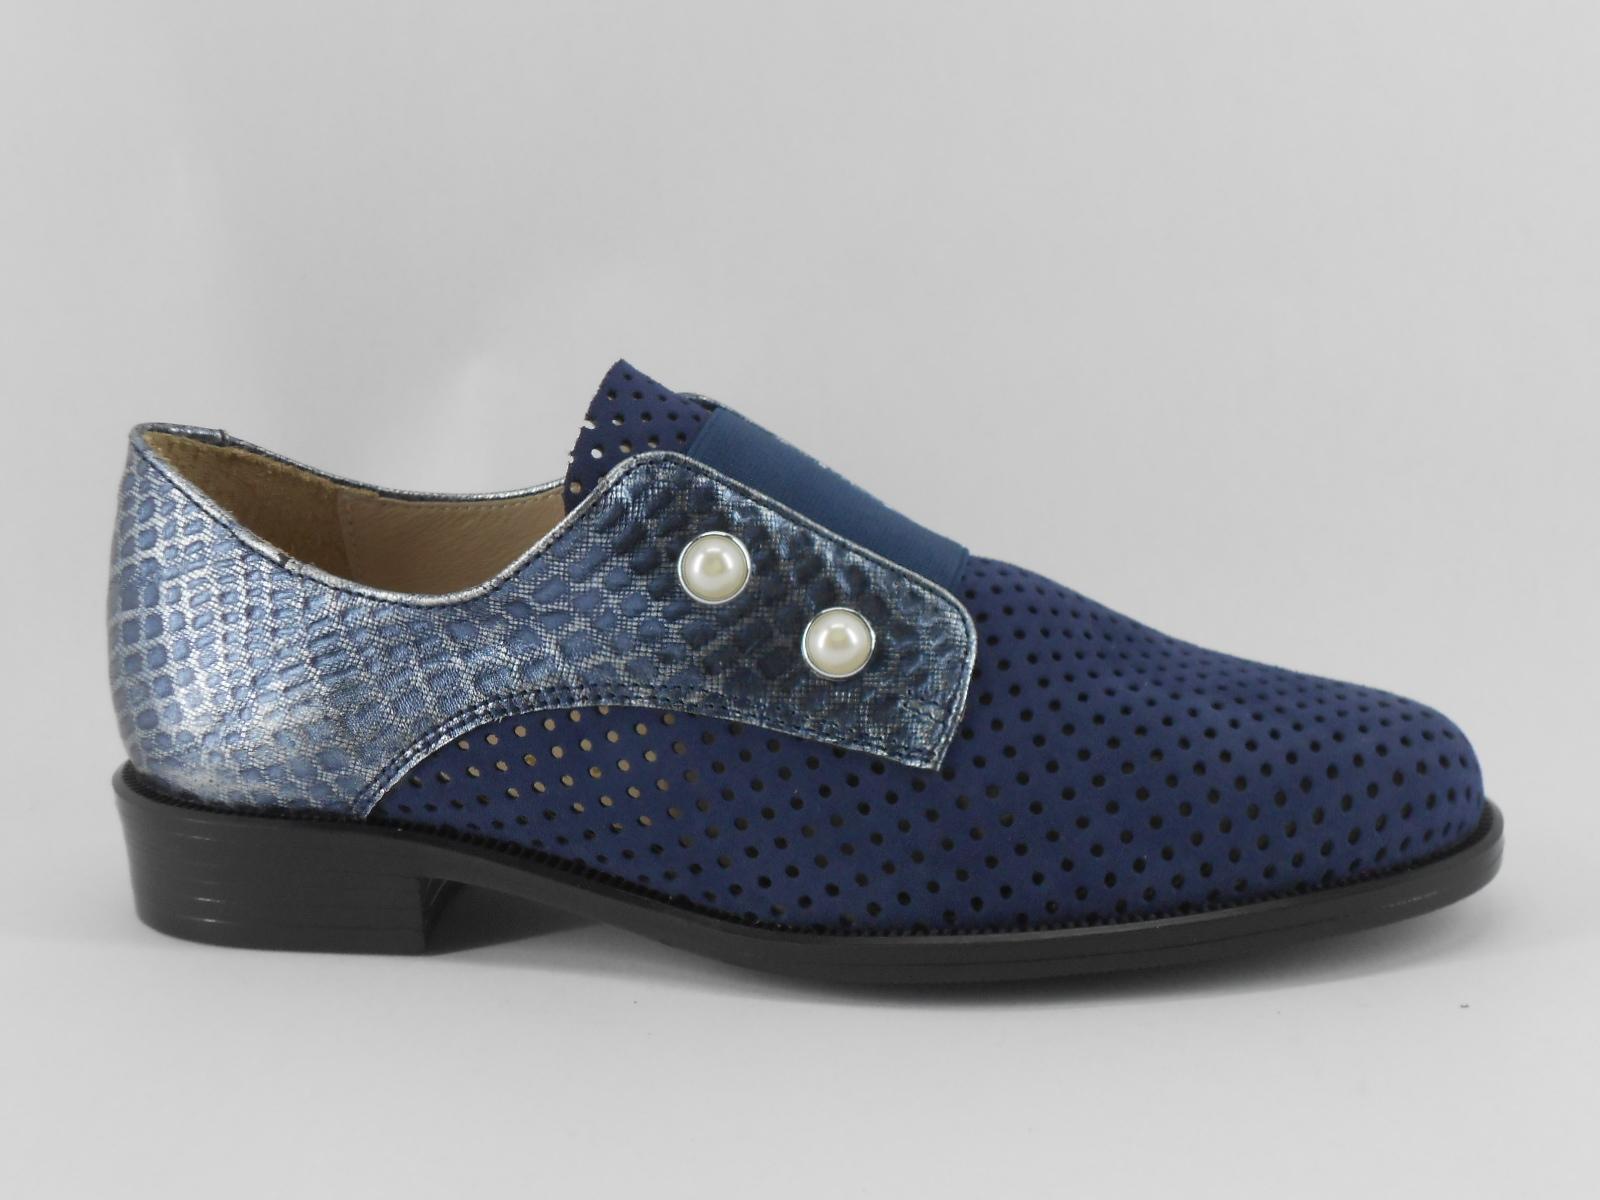 Sapatos < Sapatos Rasos < Senhora < Catálogo < Produtos